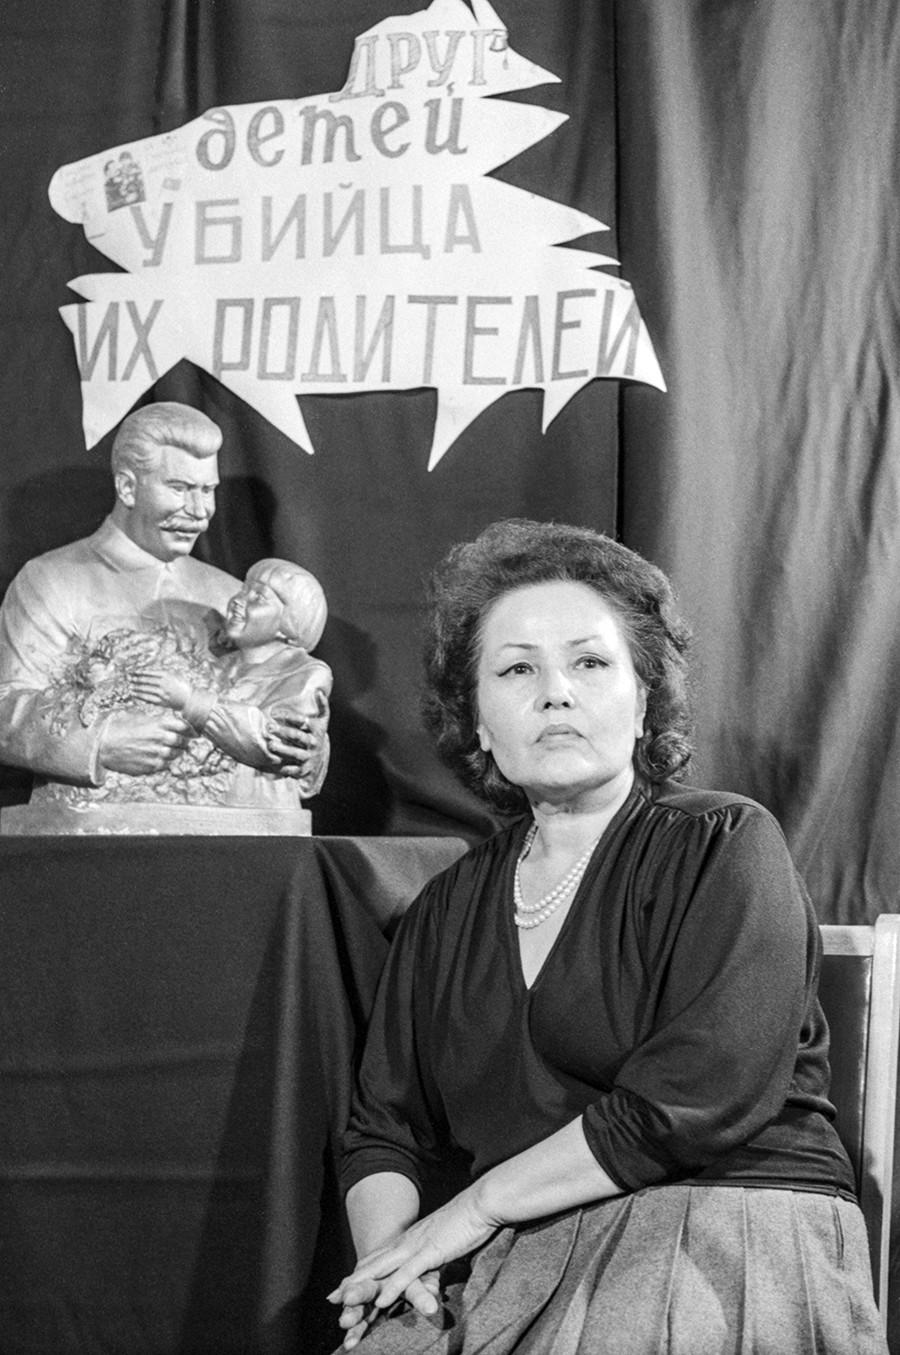 Енглесина Маркизова, 1989 г., пред ироничен плакат за Сталин -